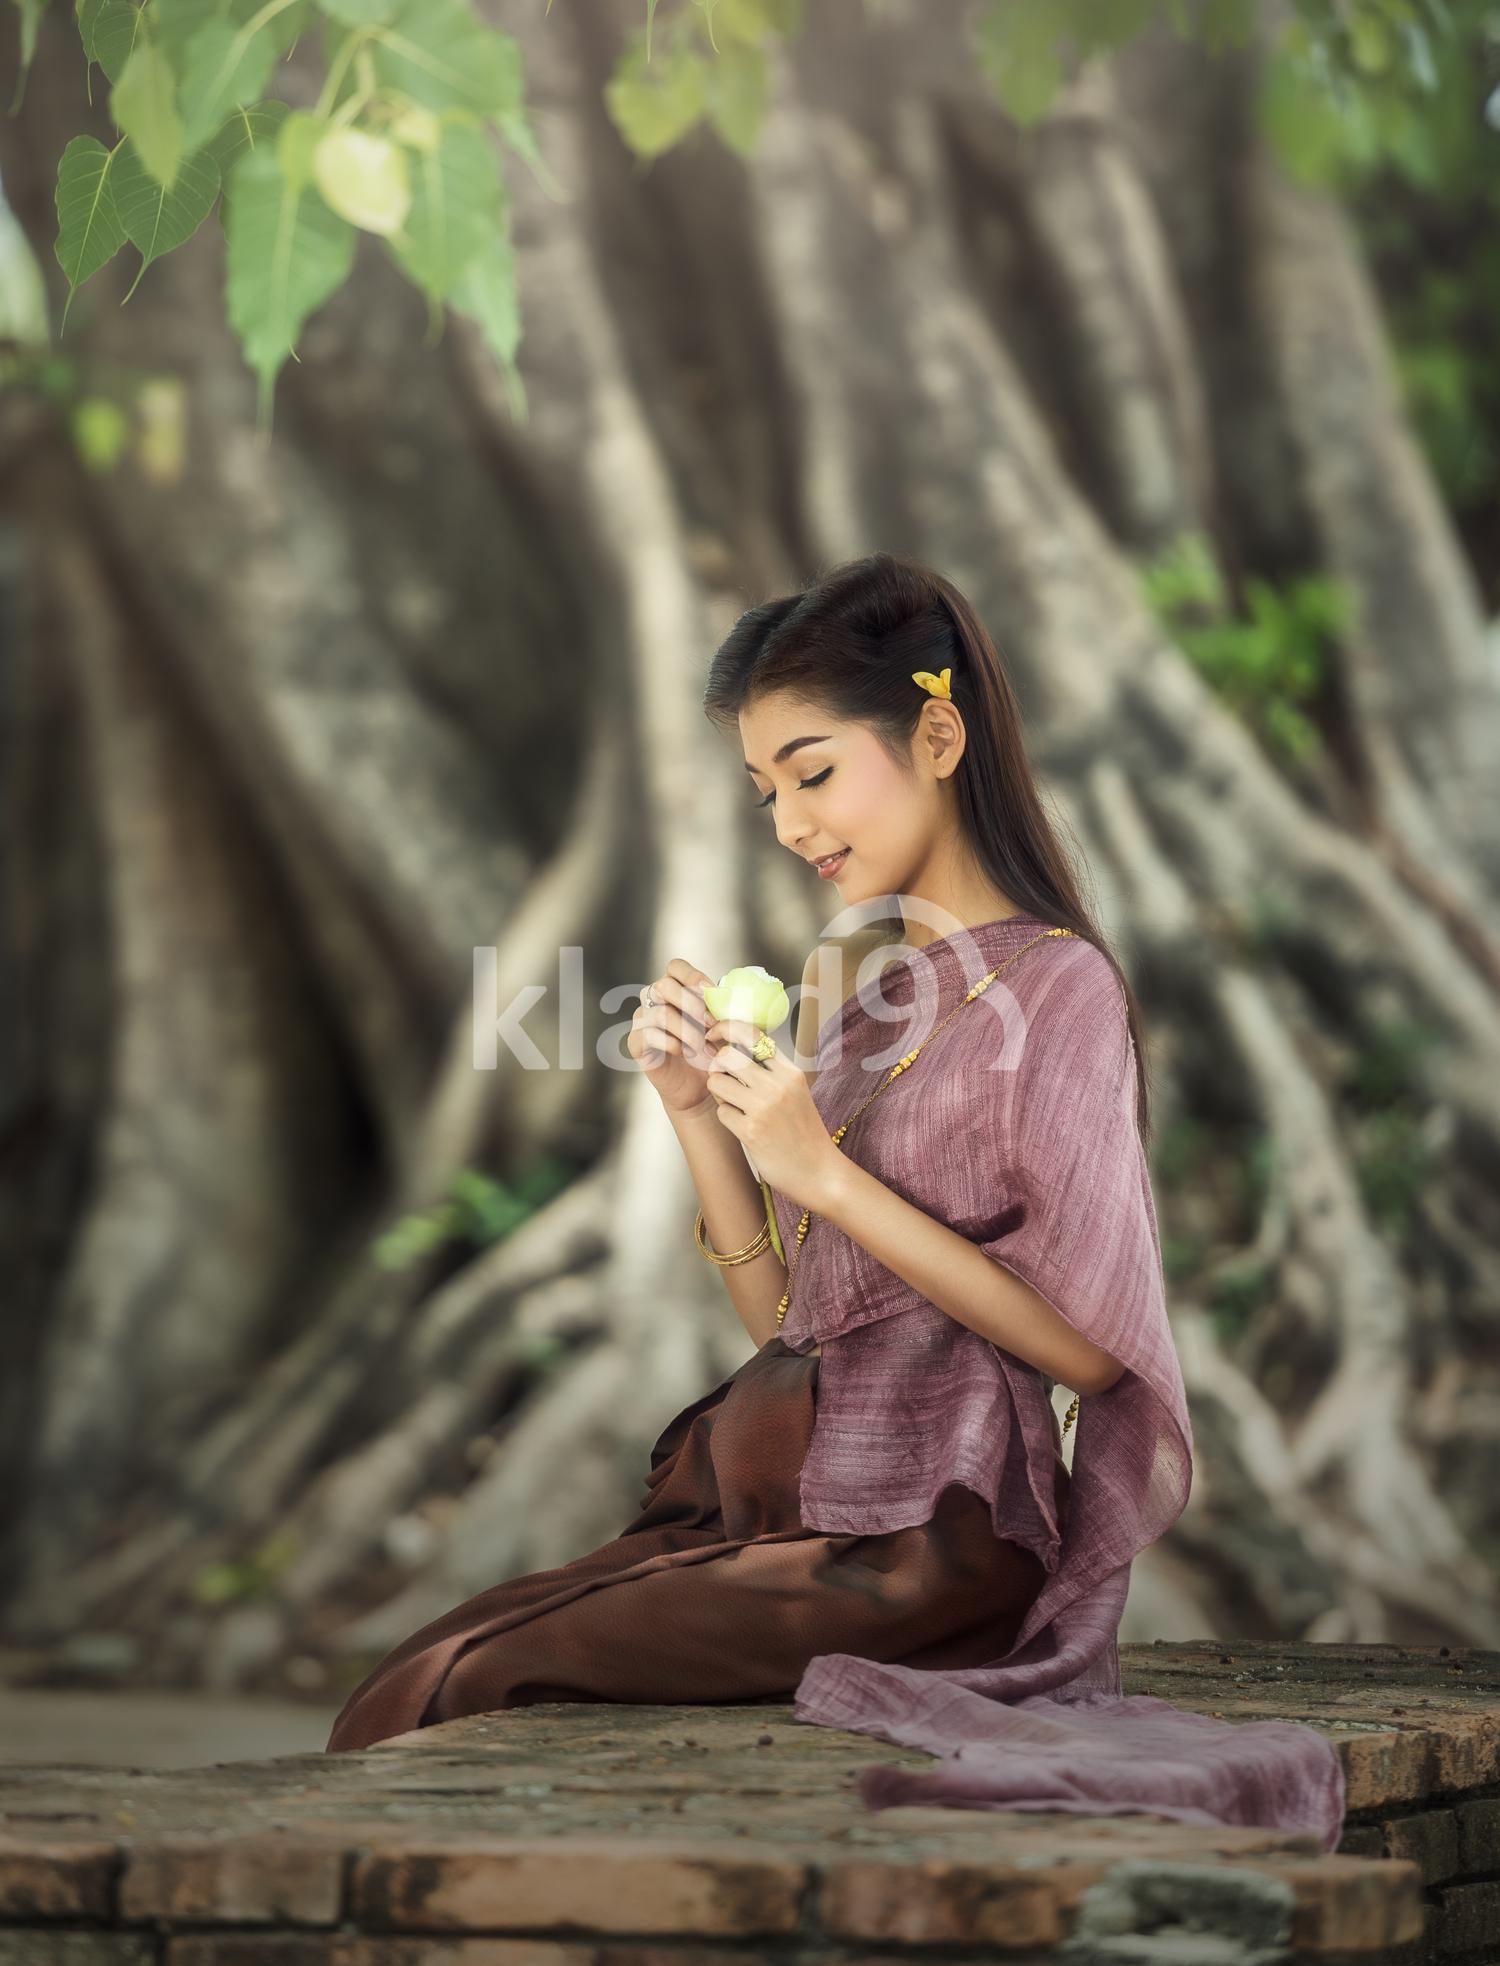 Thai woman in Thai dress